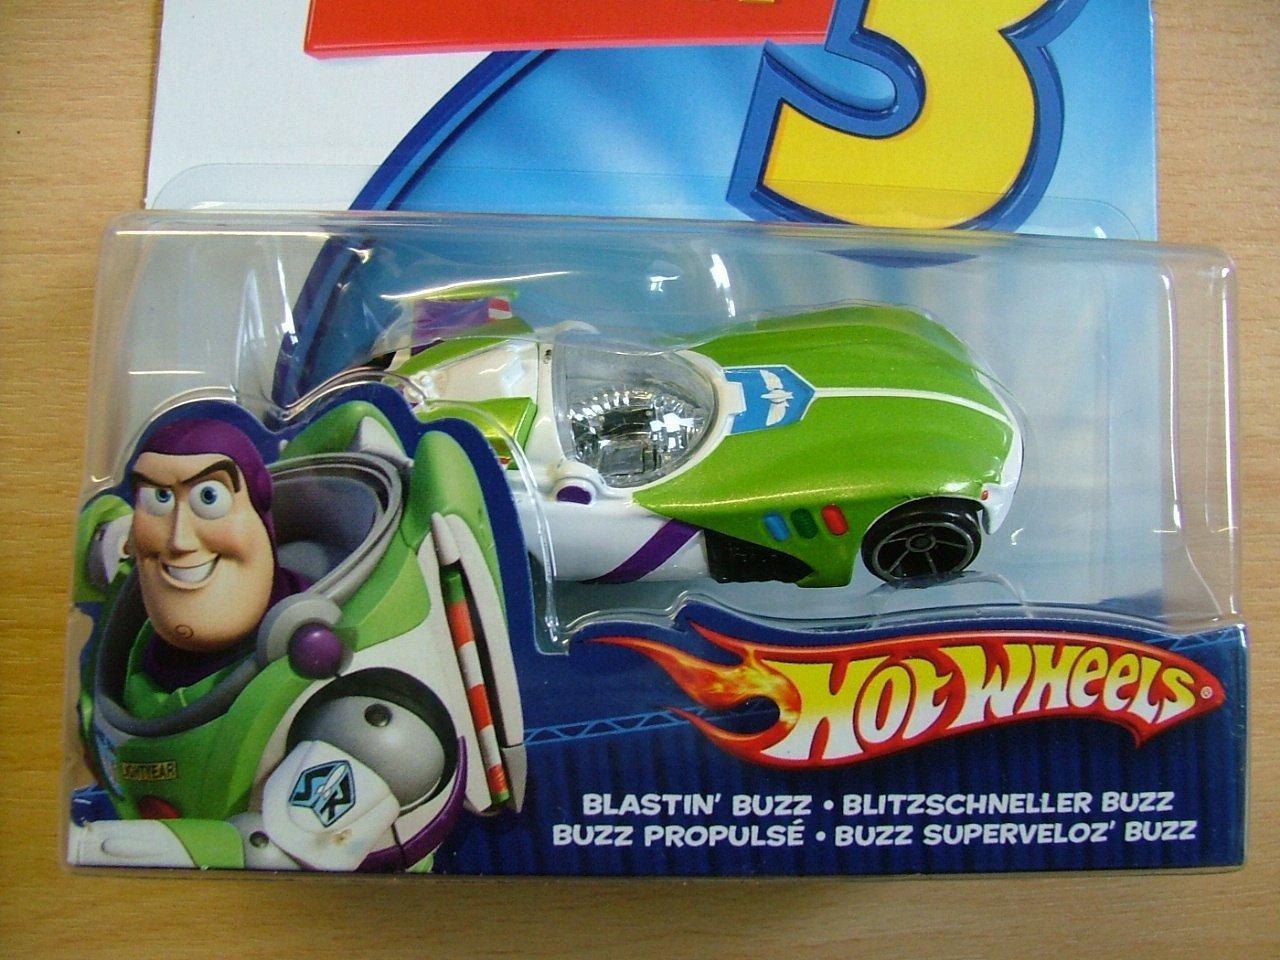 Zut HOT WHEELS Fahrzeug 'Toy Story' sortiert, ab 3 Jahren, 1:64